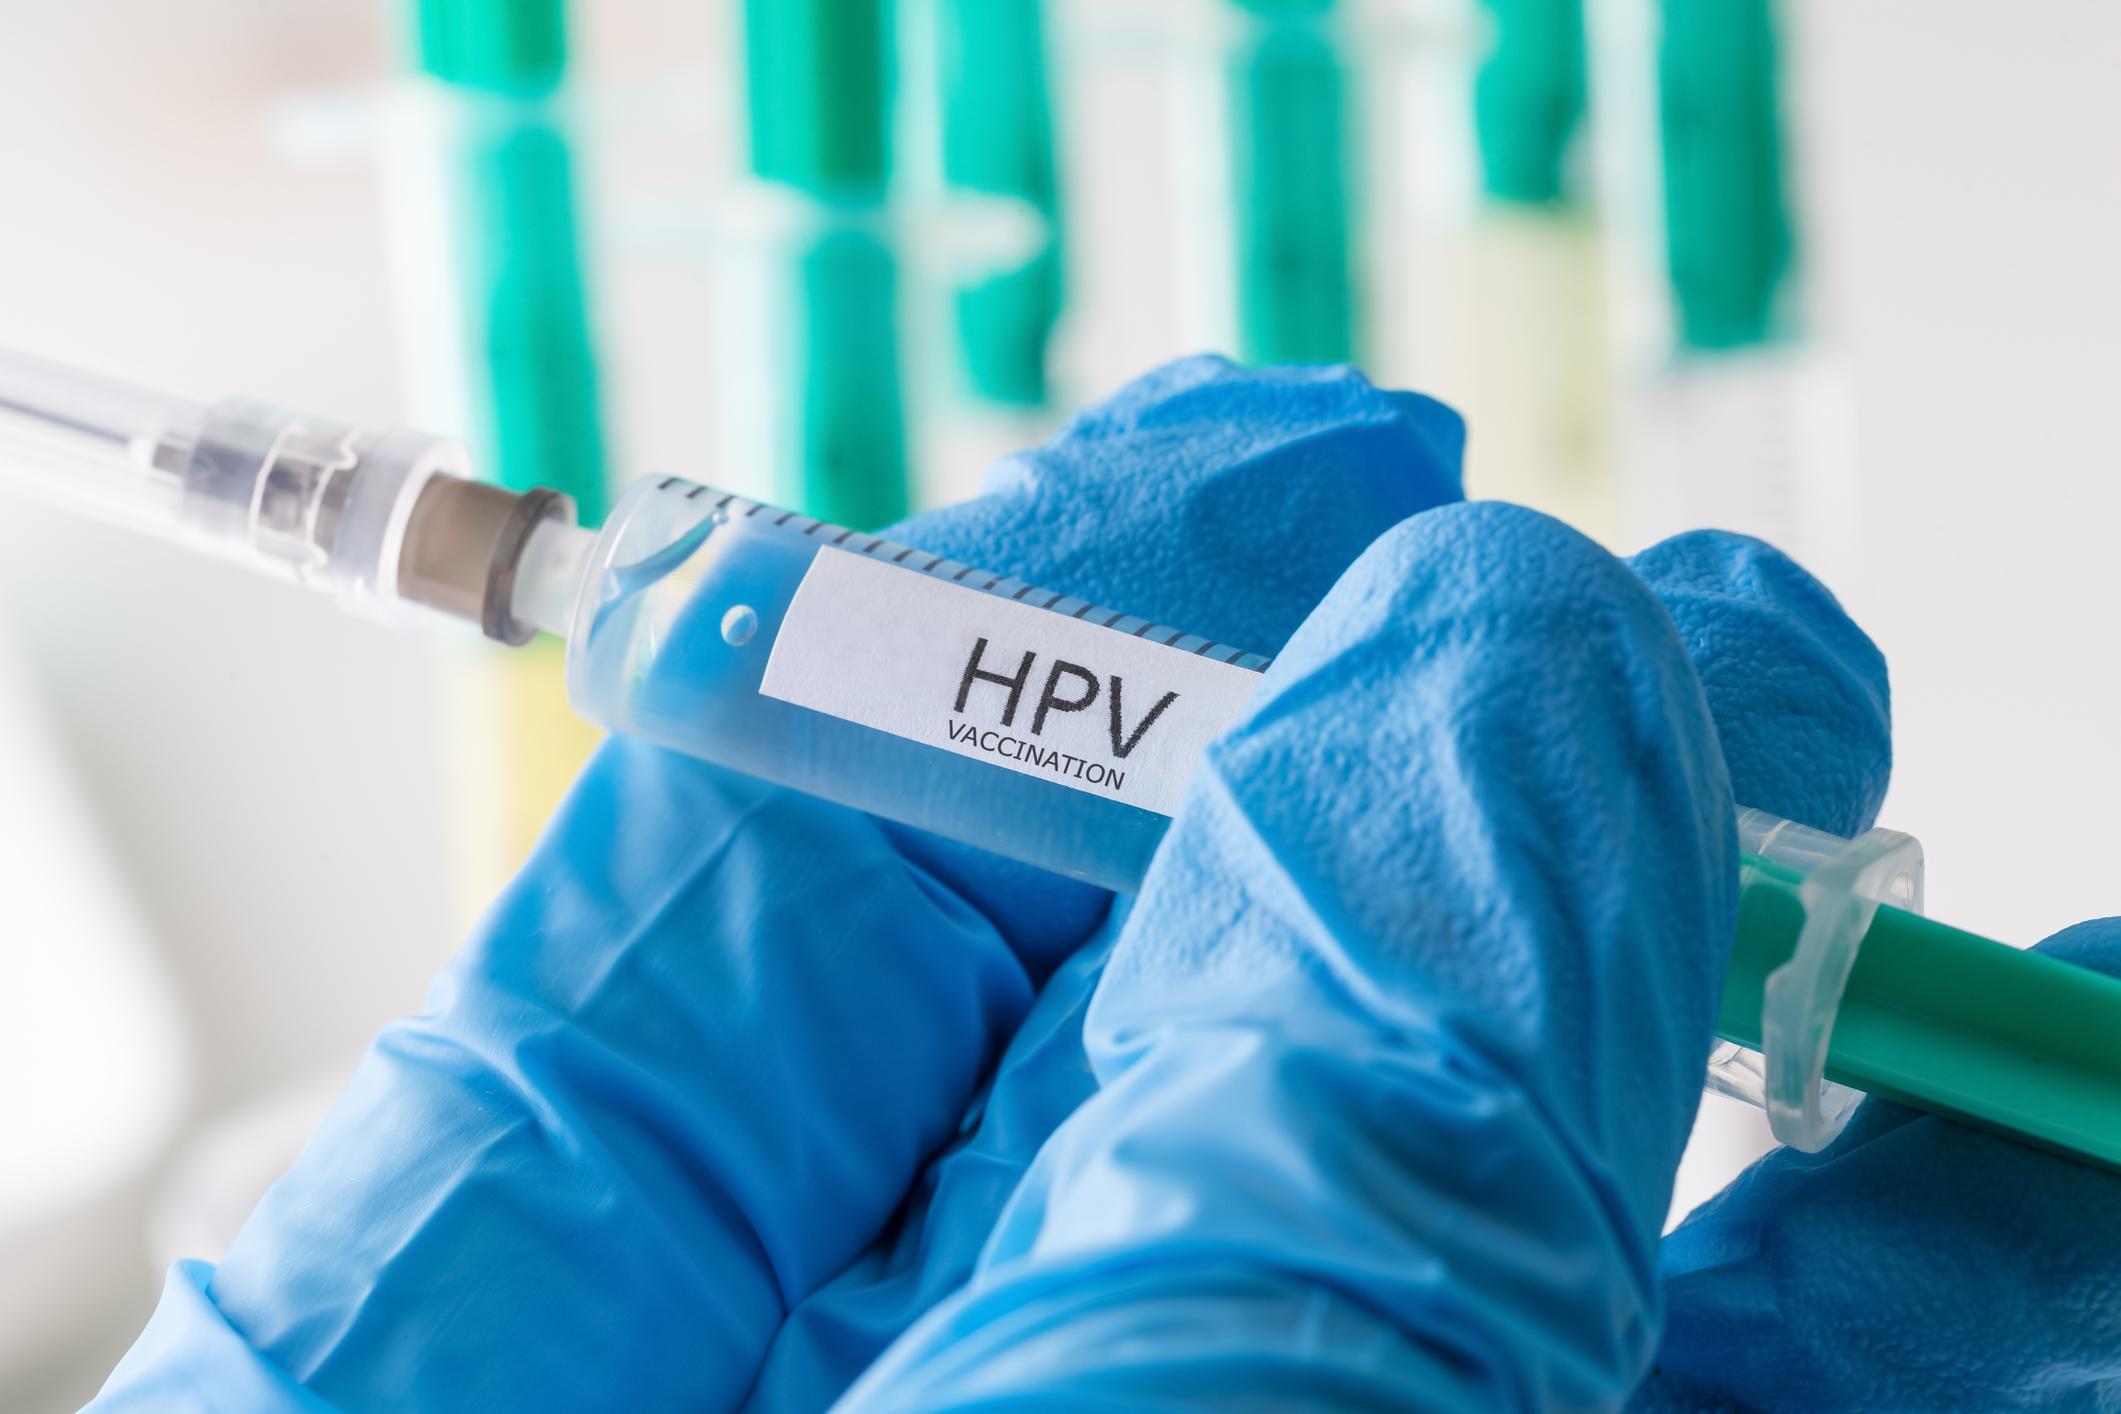 Hpv and bladder infections, Noi tehnici de detectare a cancerului de col uterin